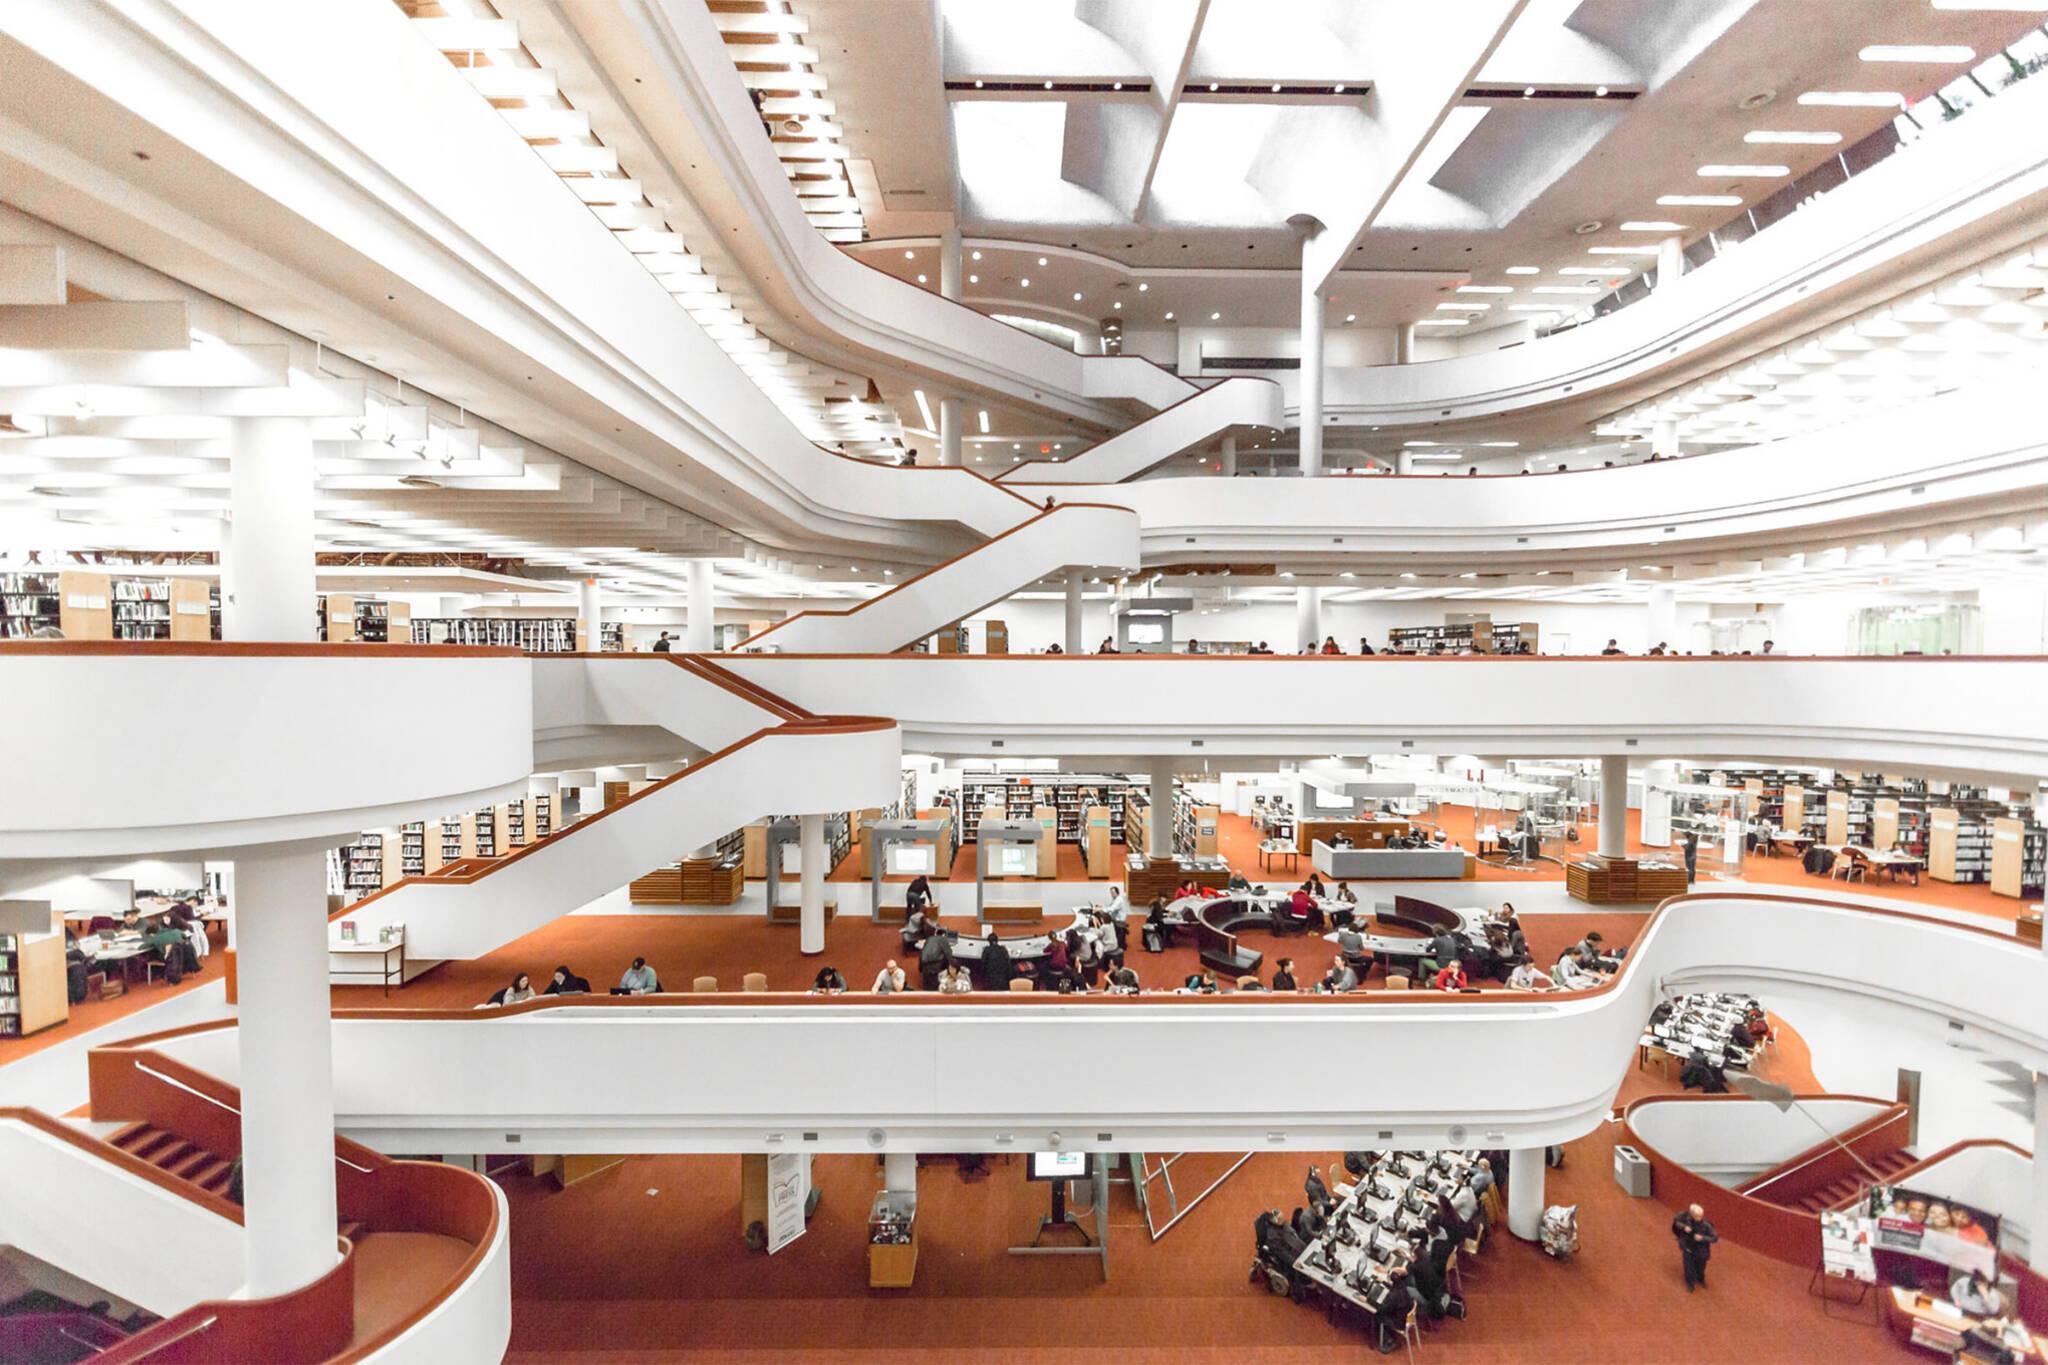 toronto public library covid